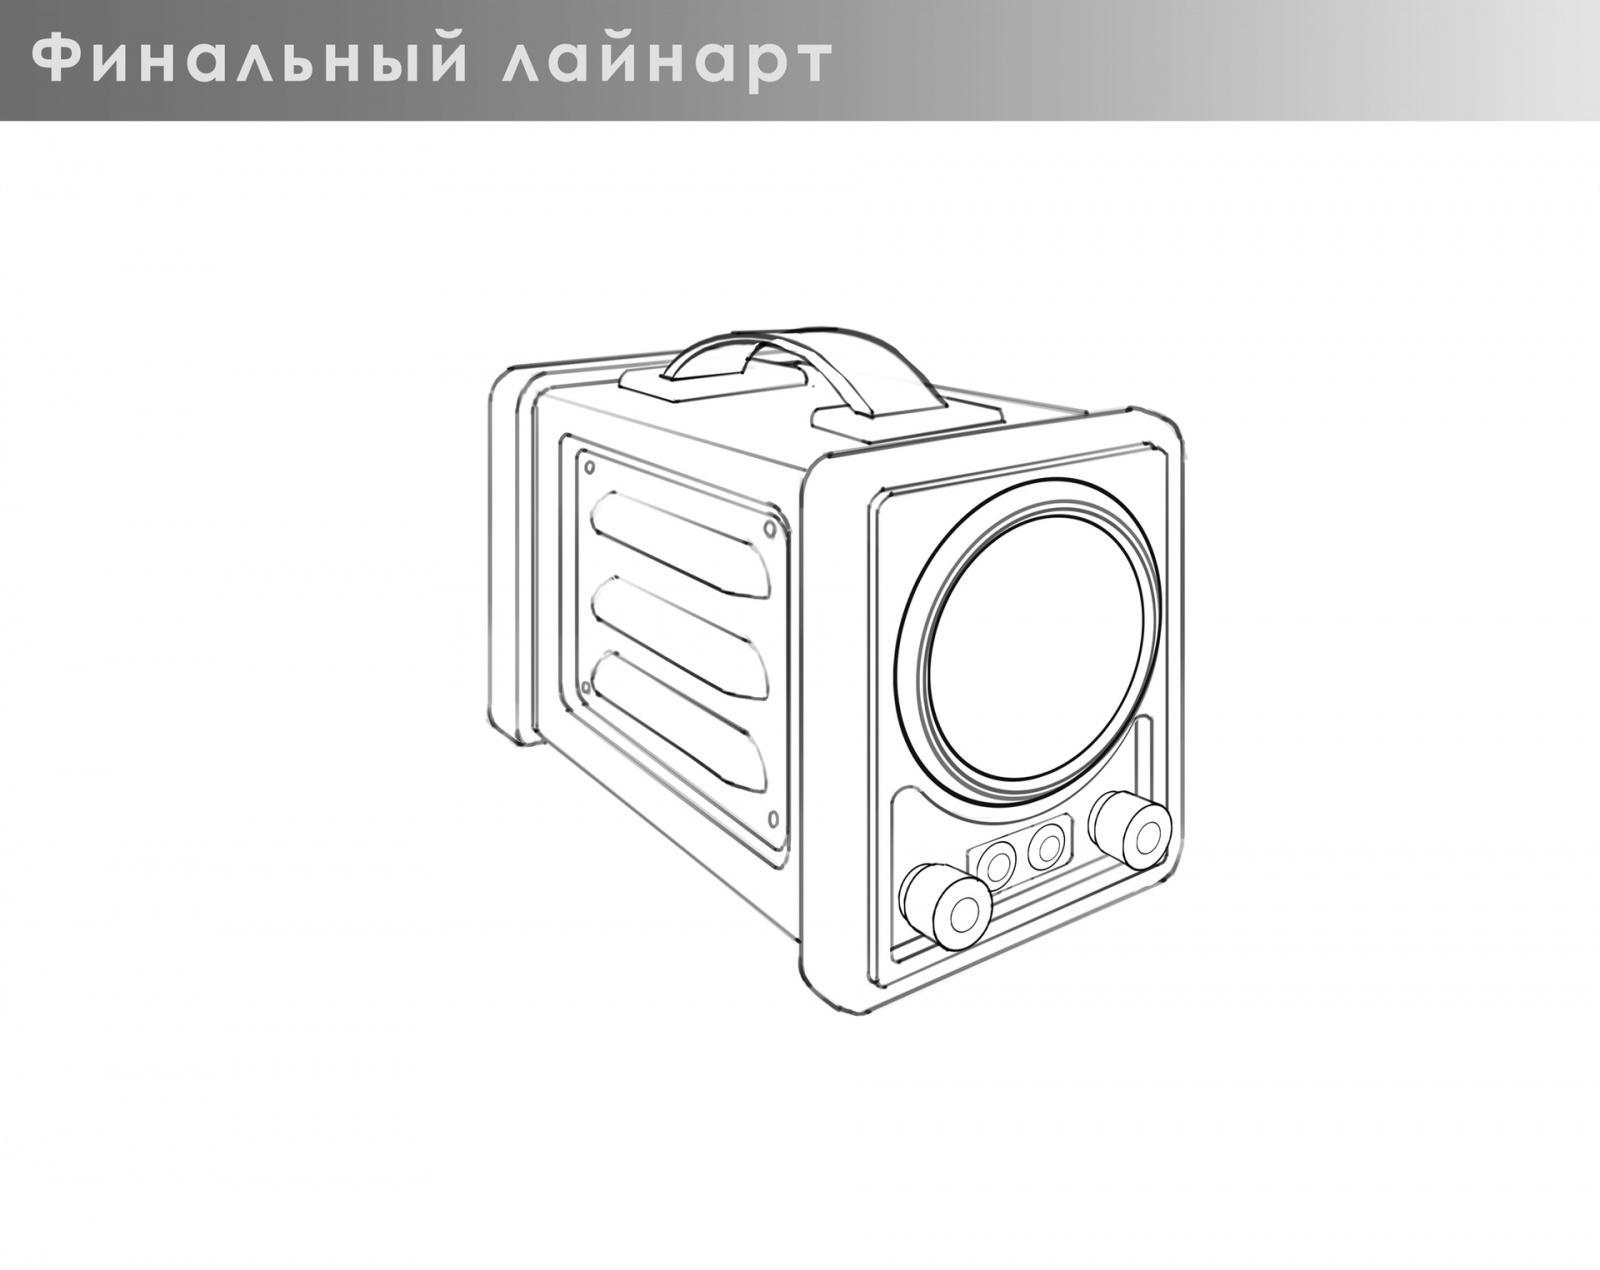 Основы CG-рисунка на примерах: рисуем осциллограф, применяем 3D - 5